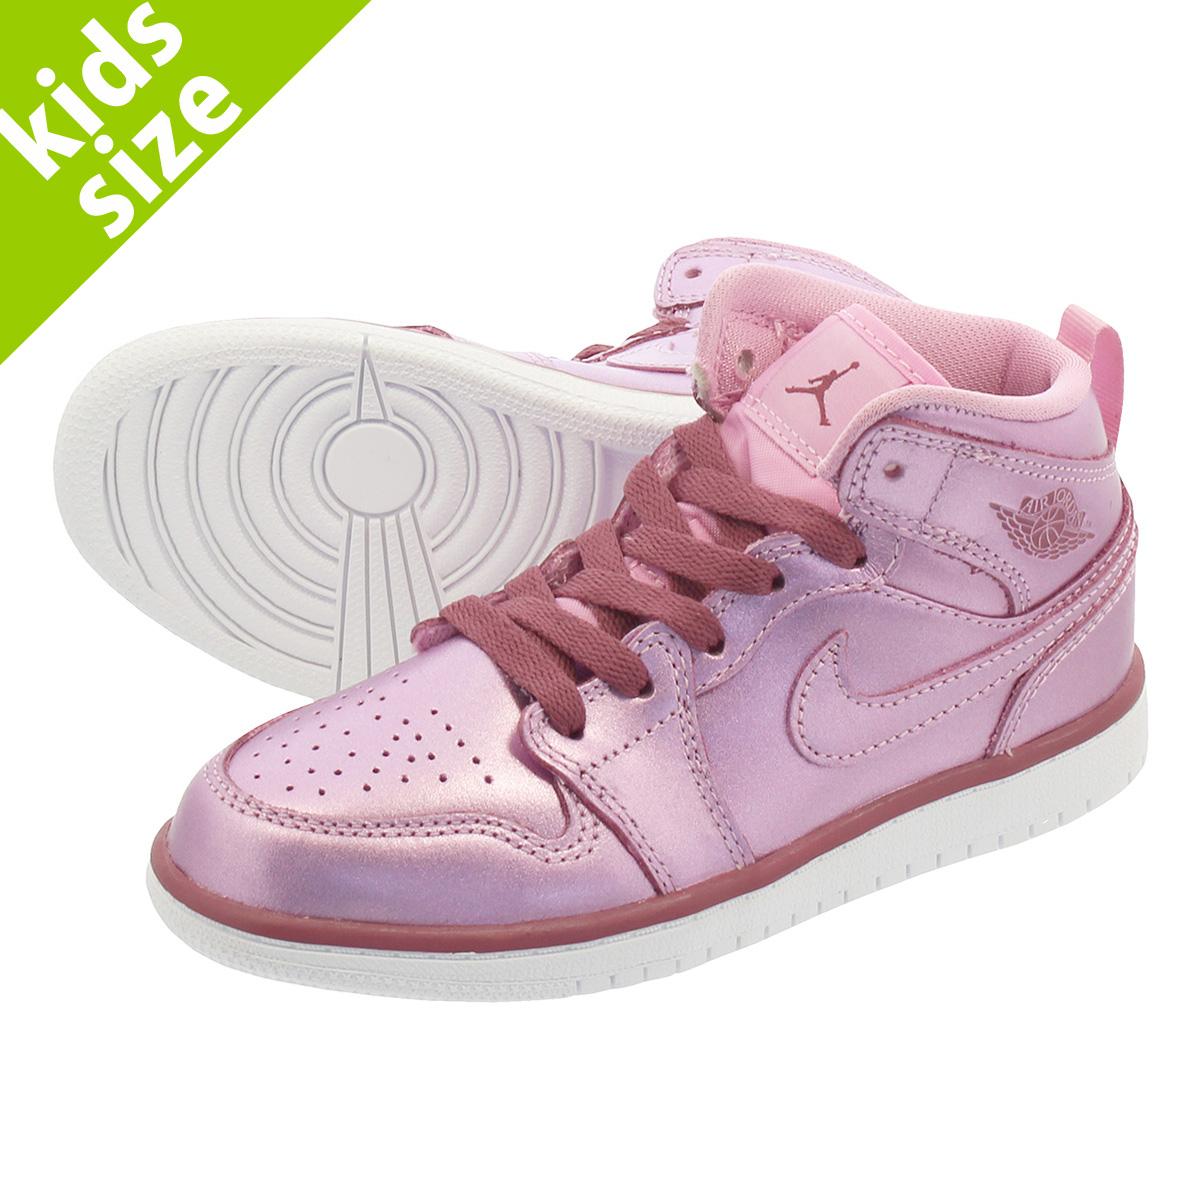 super popular 4c237 81ec5 NIKE AIR JORDAN 1 MID SE PS Nike Air Jordan 1 mid SE PS PINK RISE WHITE NOBLE  RED av5173-640